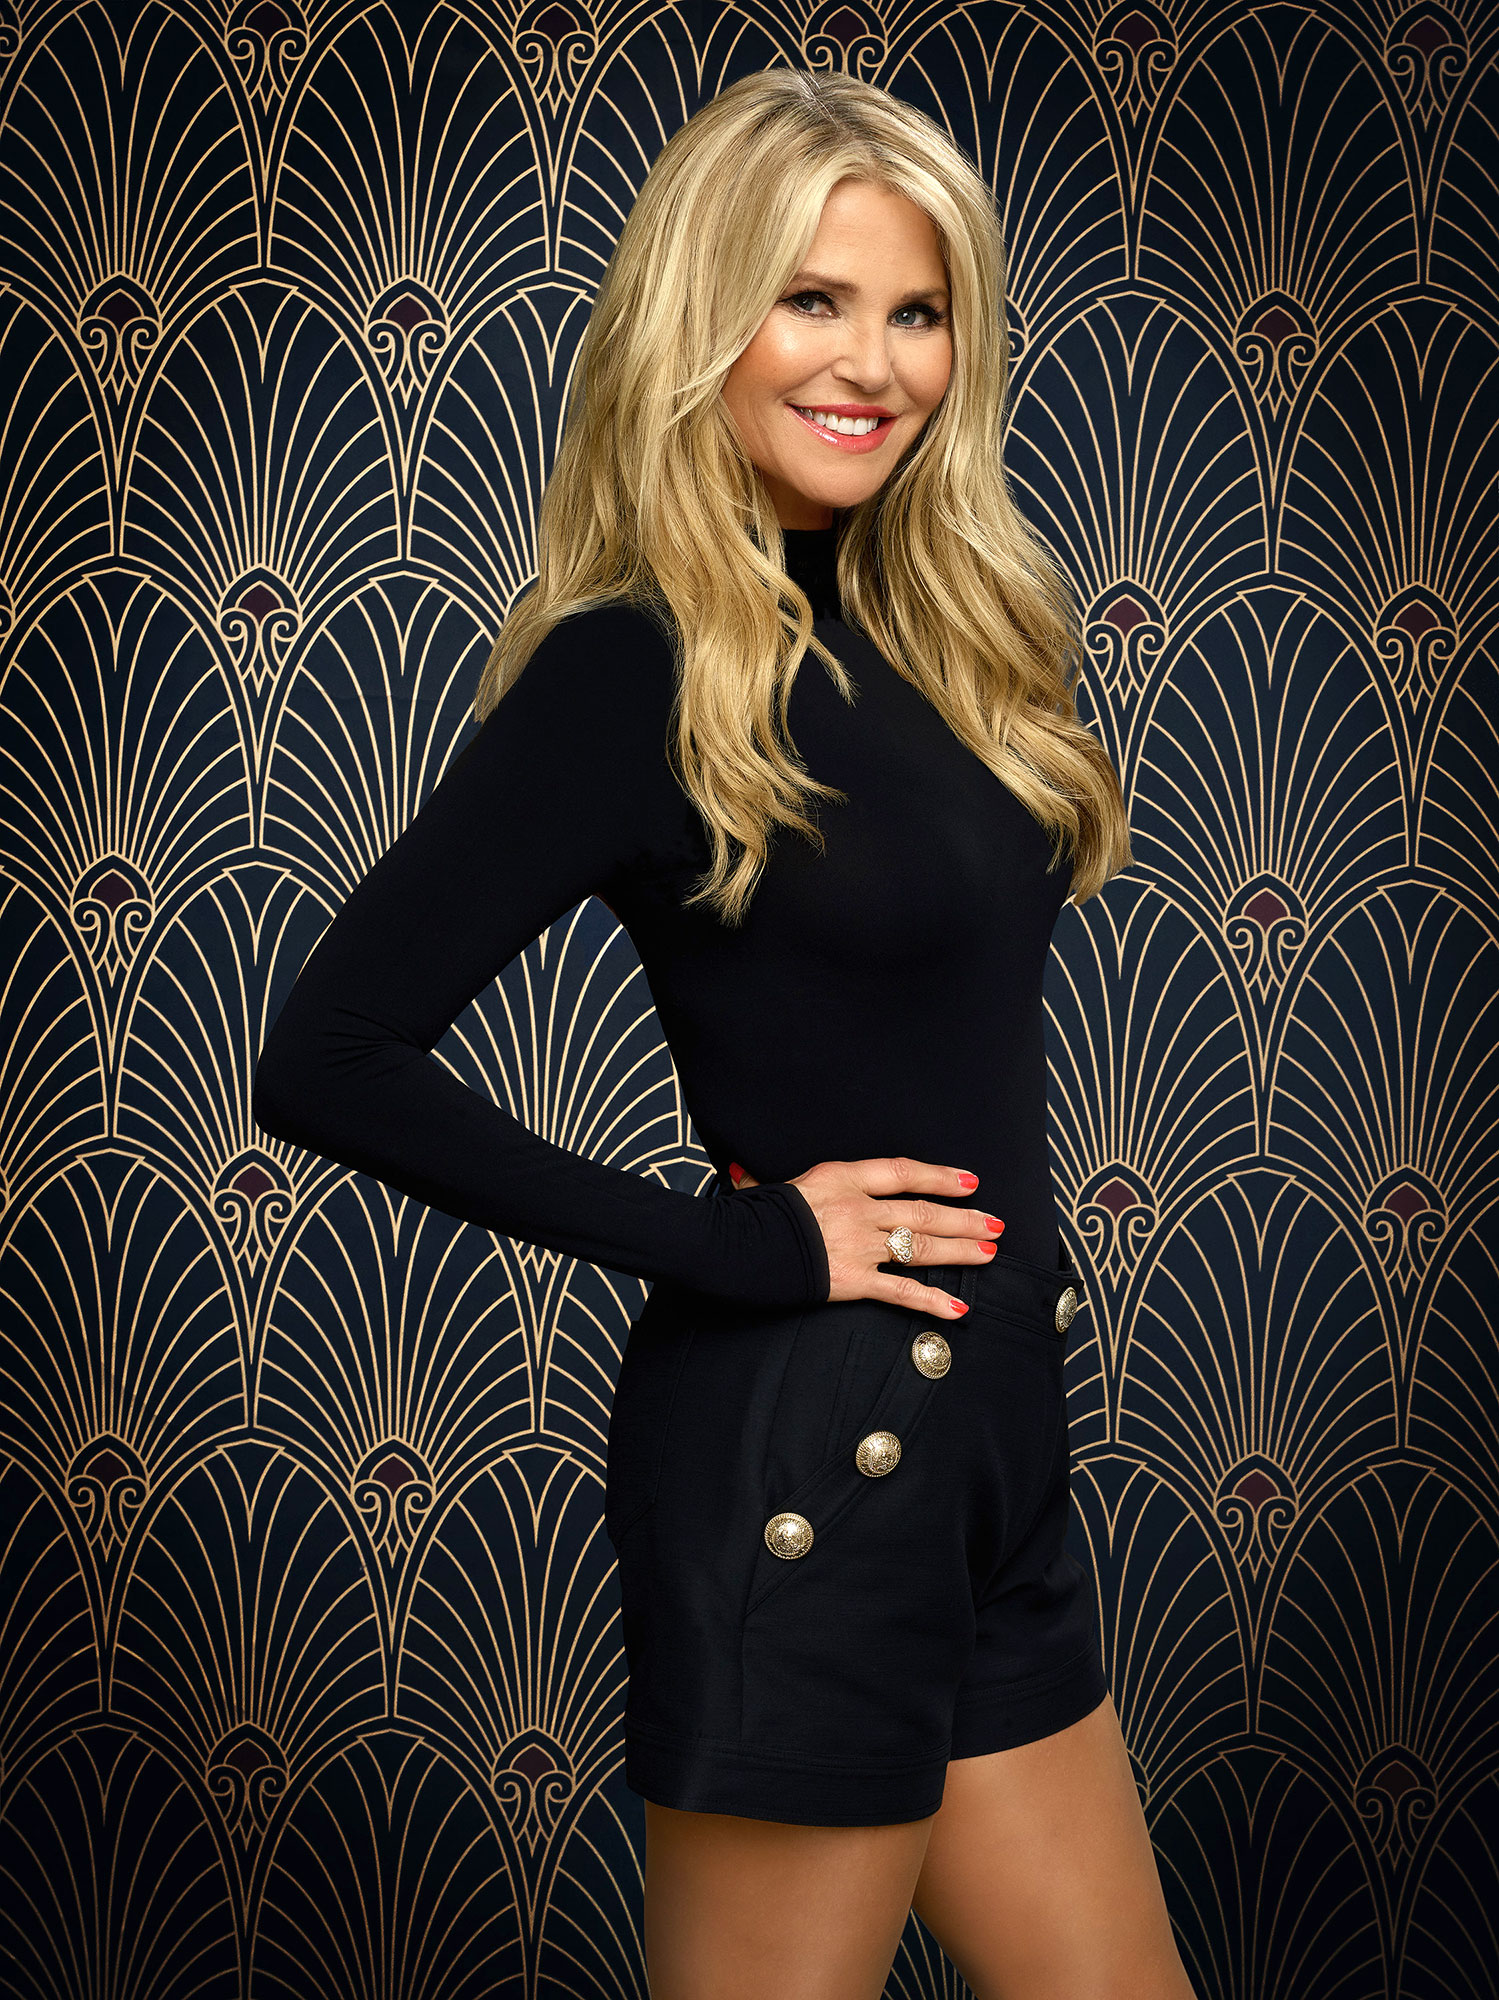 Sailor Brinkley-Cook Is Replacing Christie Brinkley on DWTS